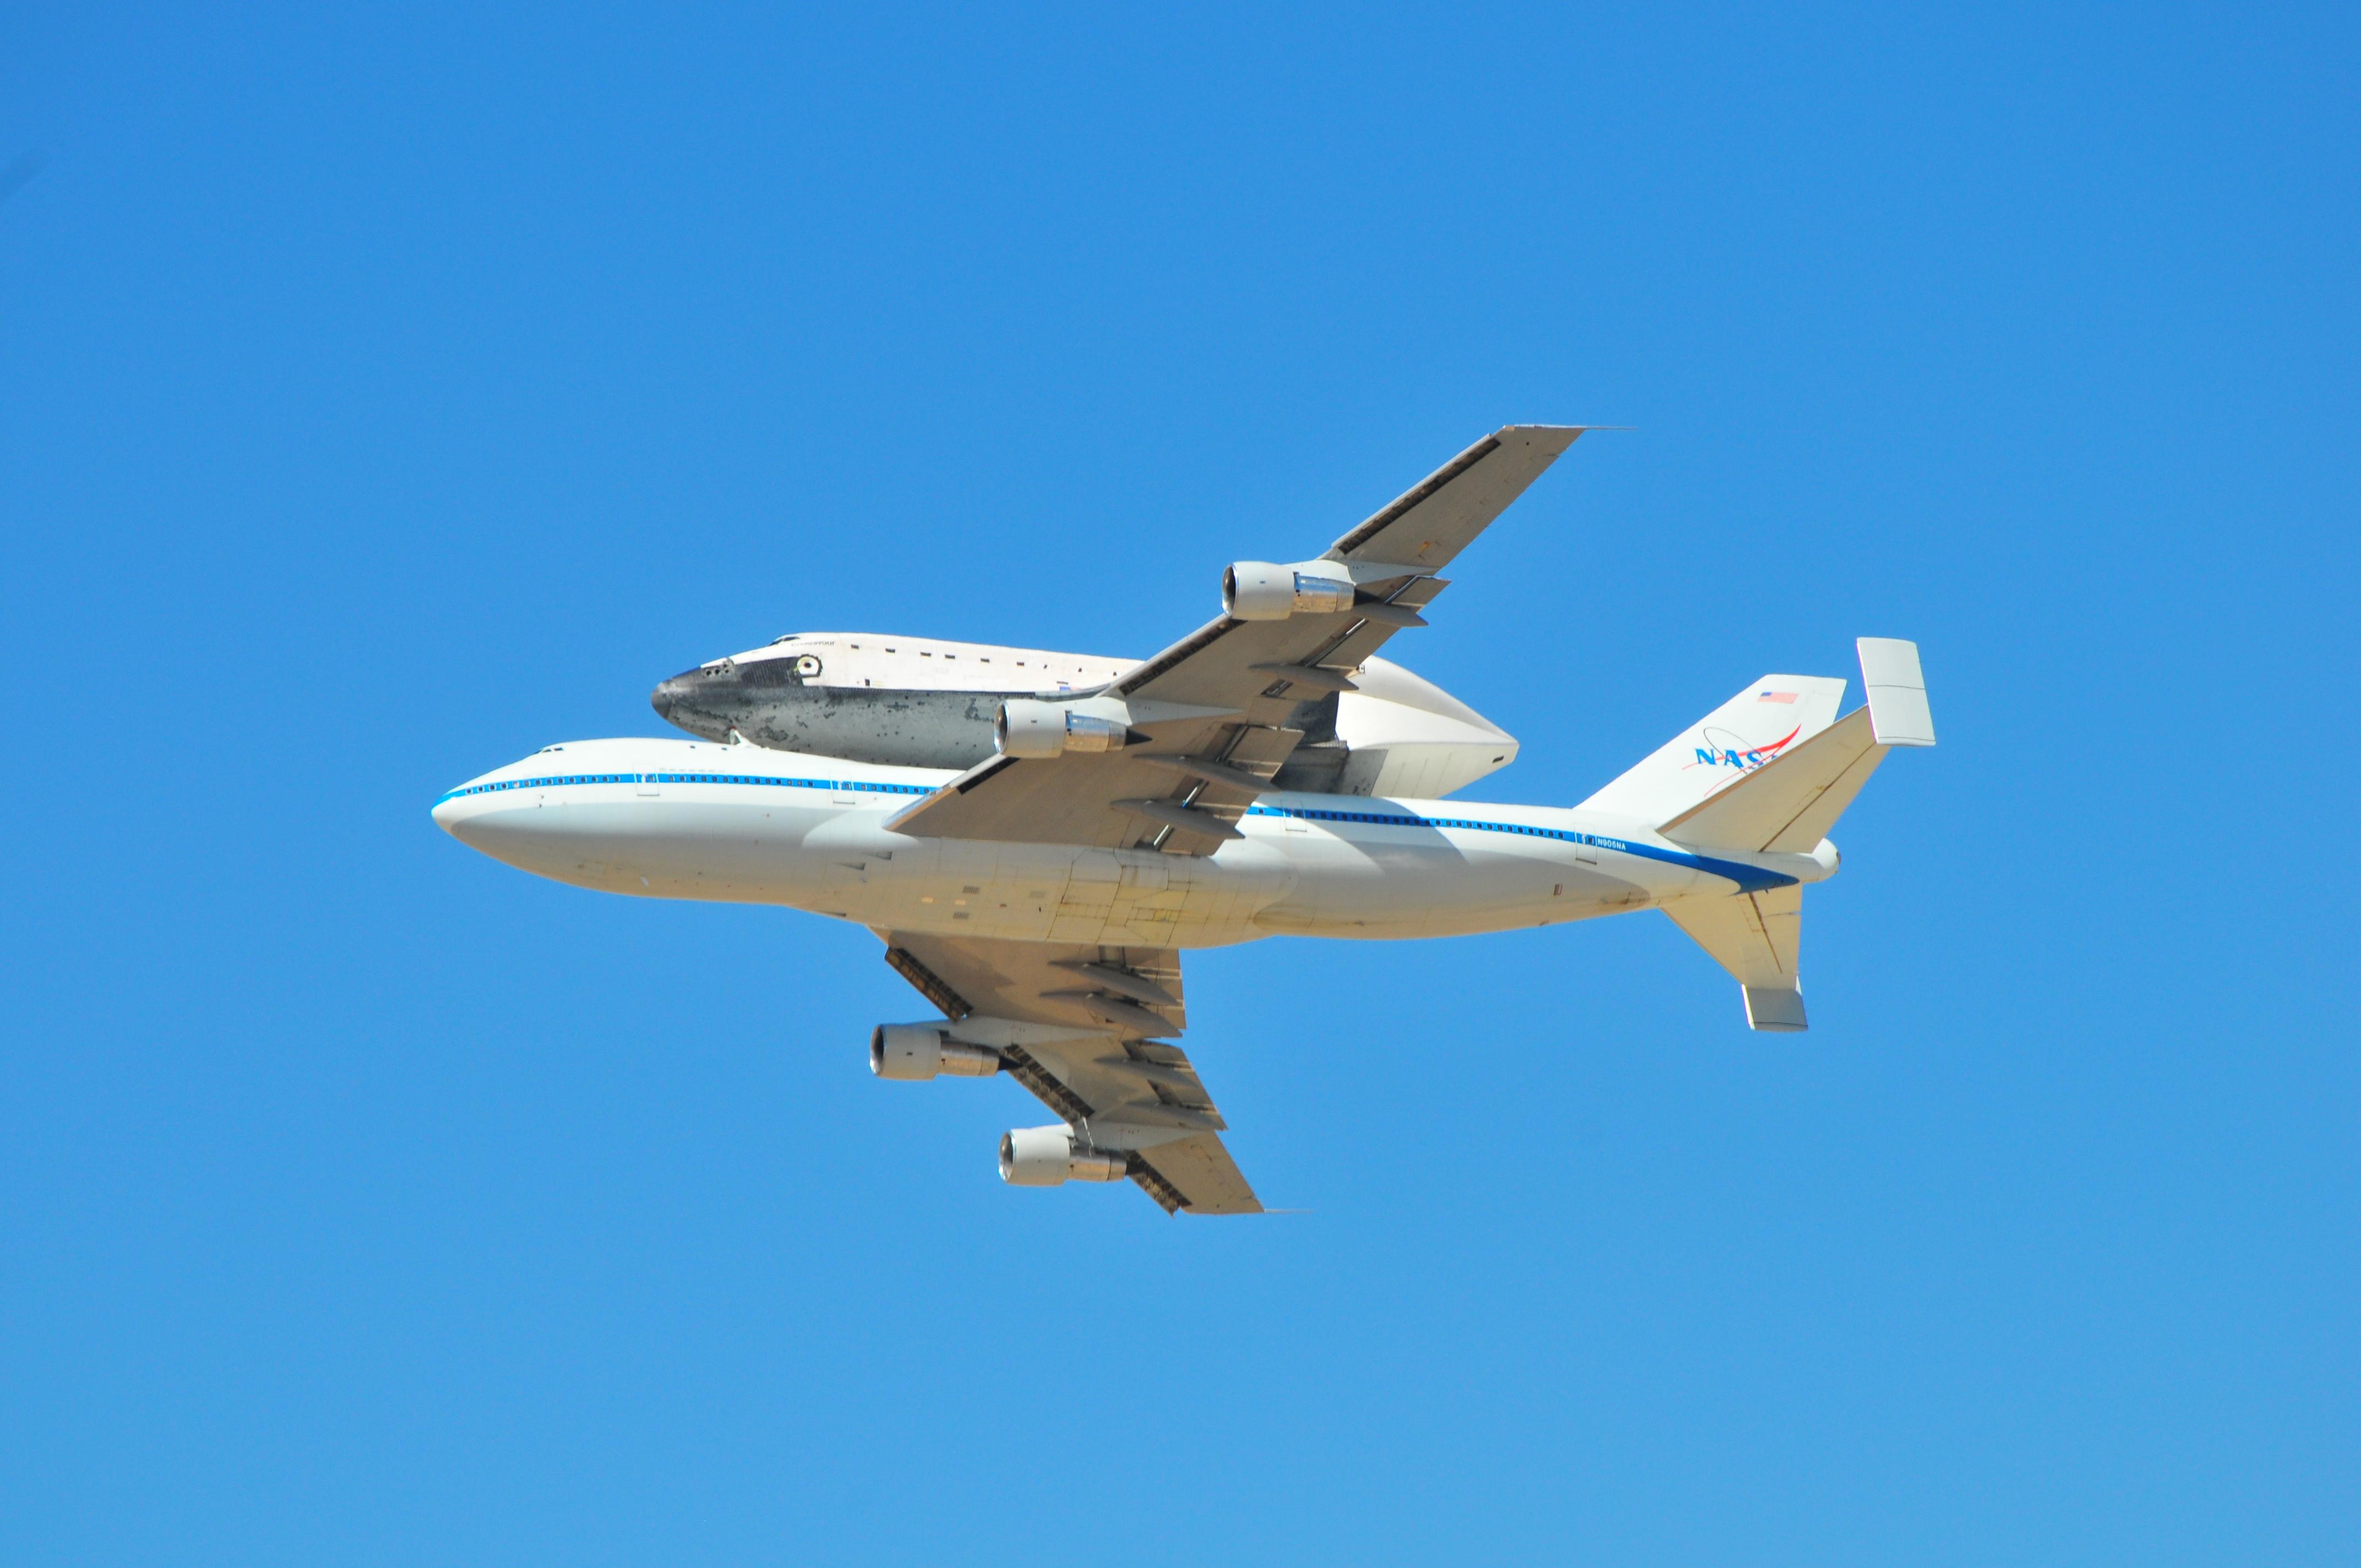 endeavor01.jpg - Space Shuttle Endeavor